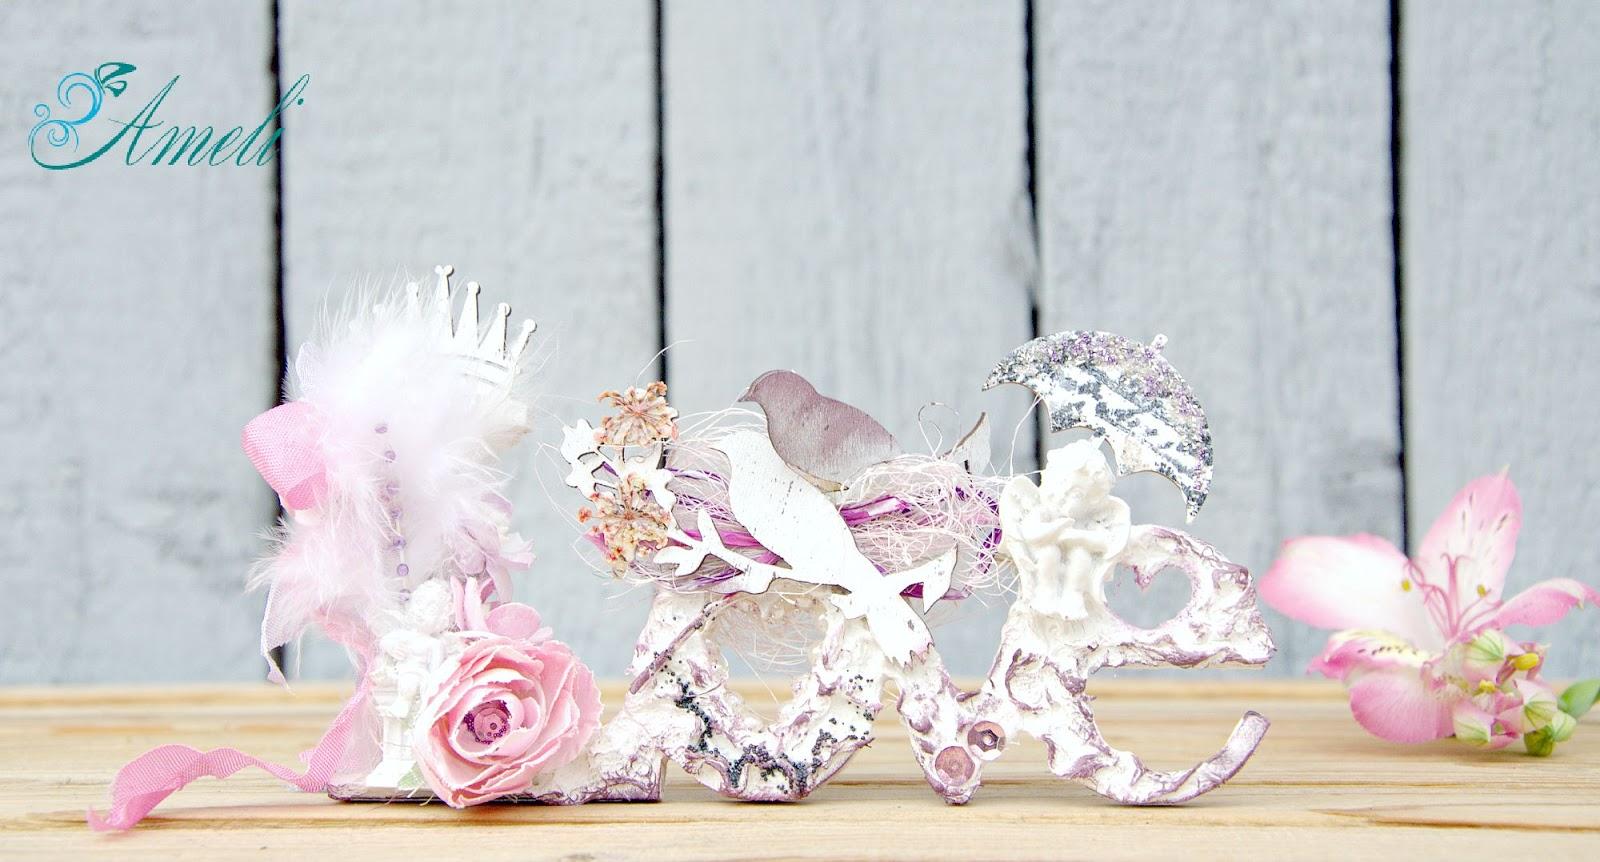 Розовые грезы подружки анабель онлайн 8 фотография